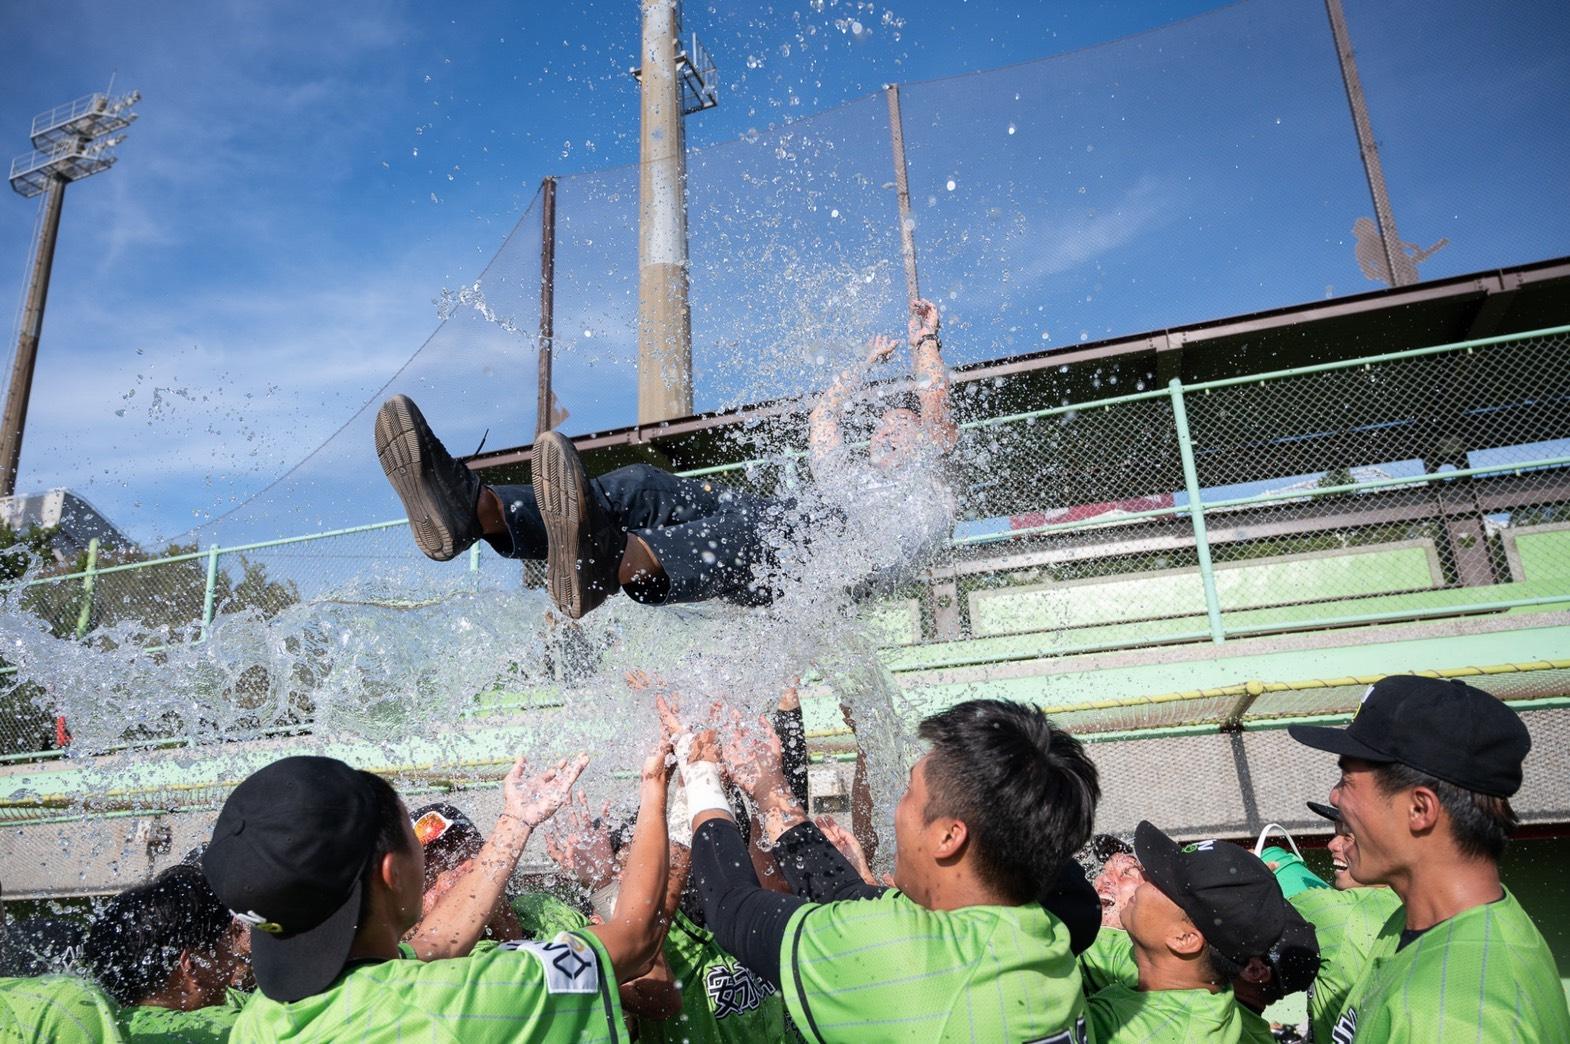 安永鮮物隊拿下隊史第四座冠軍,崇越集團推好康優惠與球迷同慶。